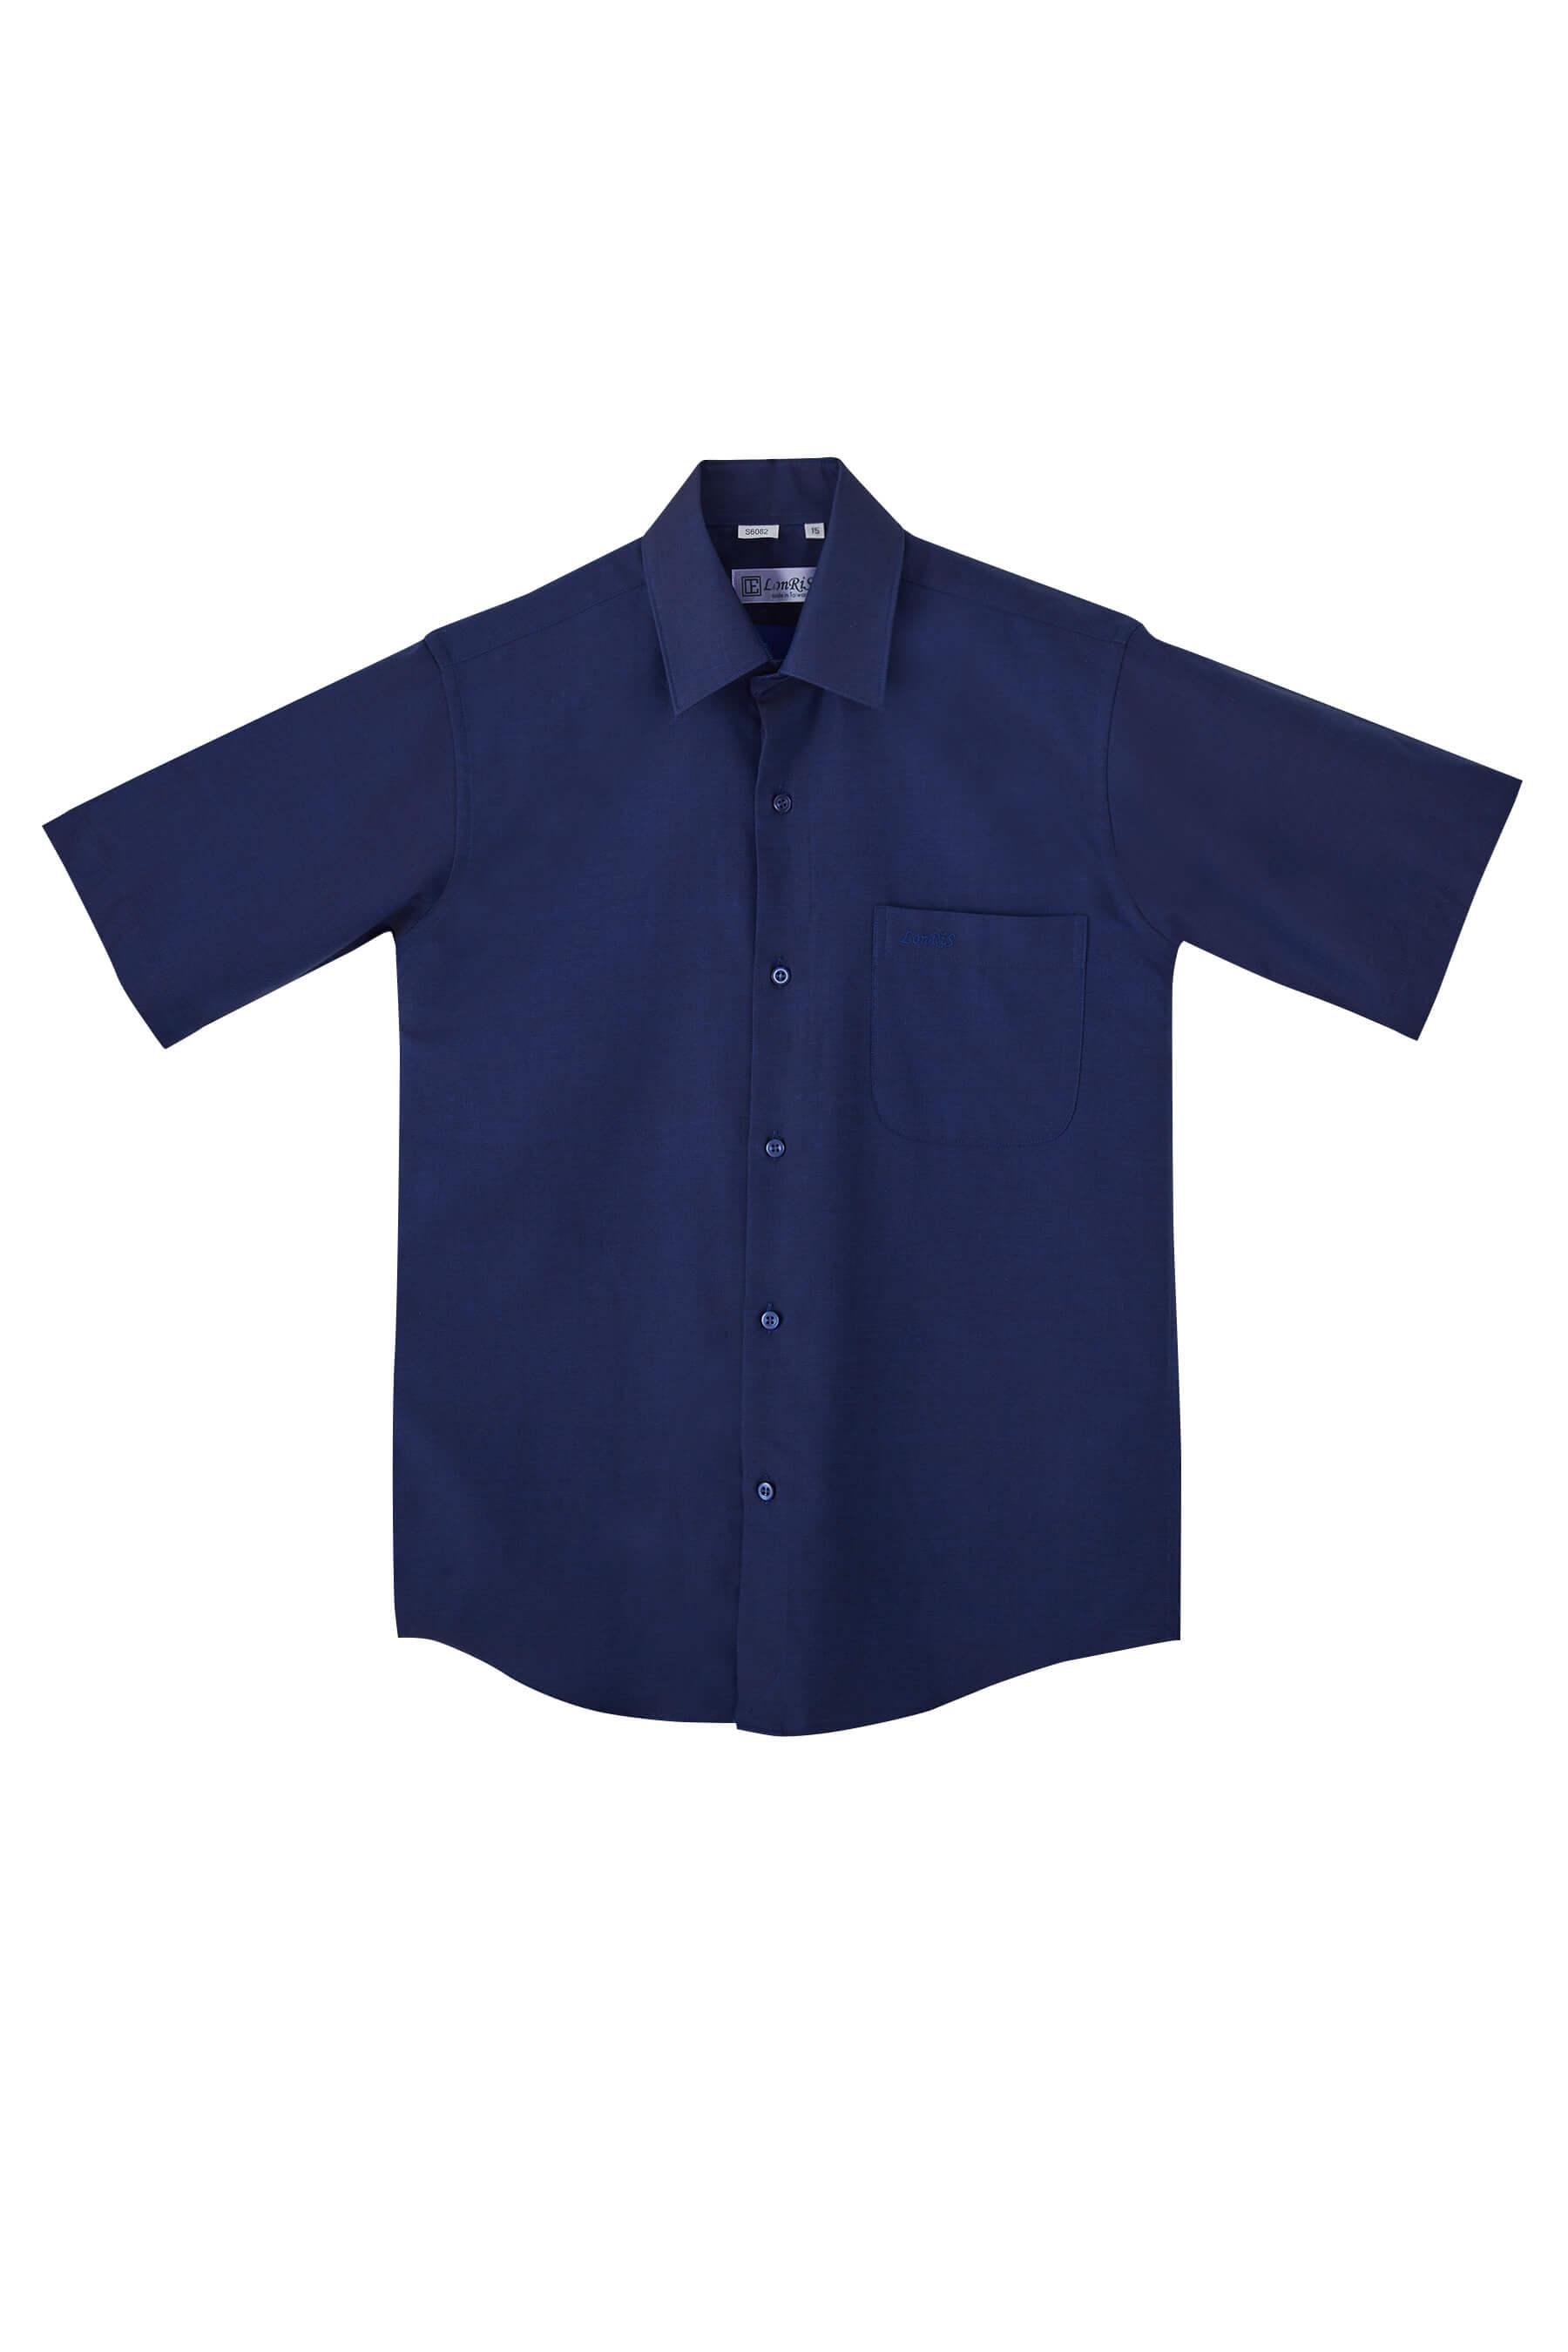 深藍色斜紋棉質短袖襯衫/舒適透氣